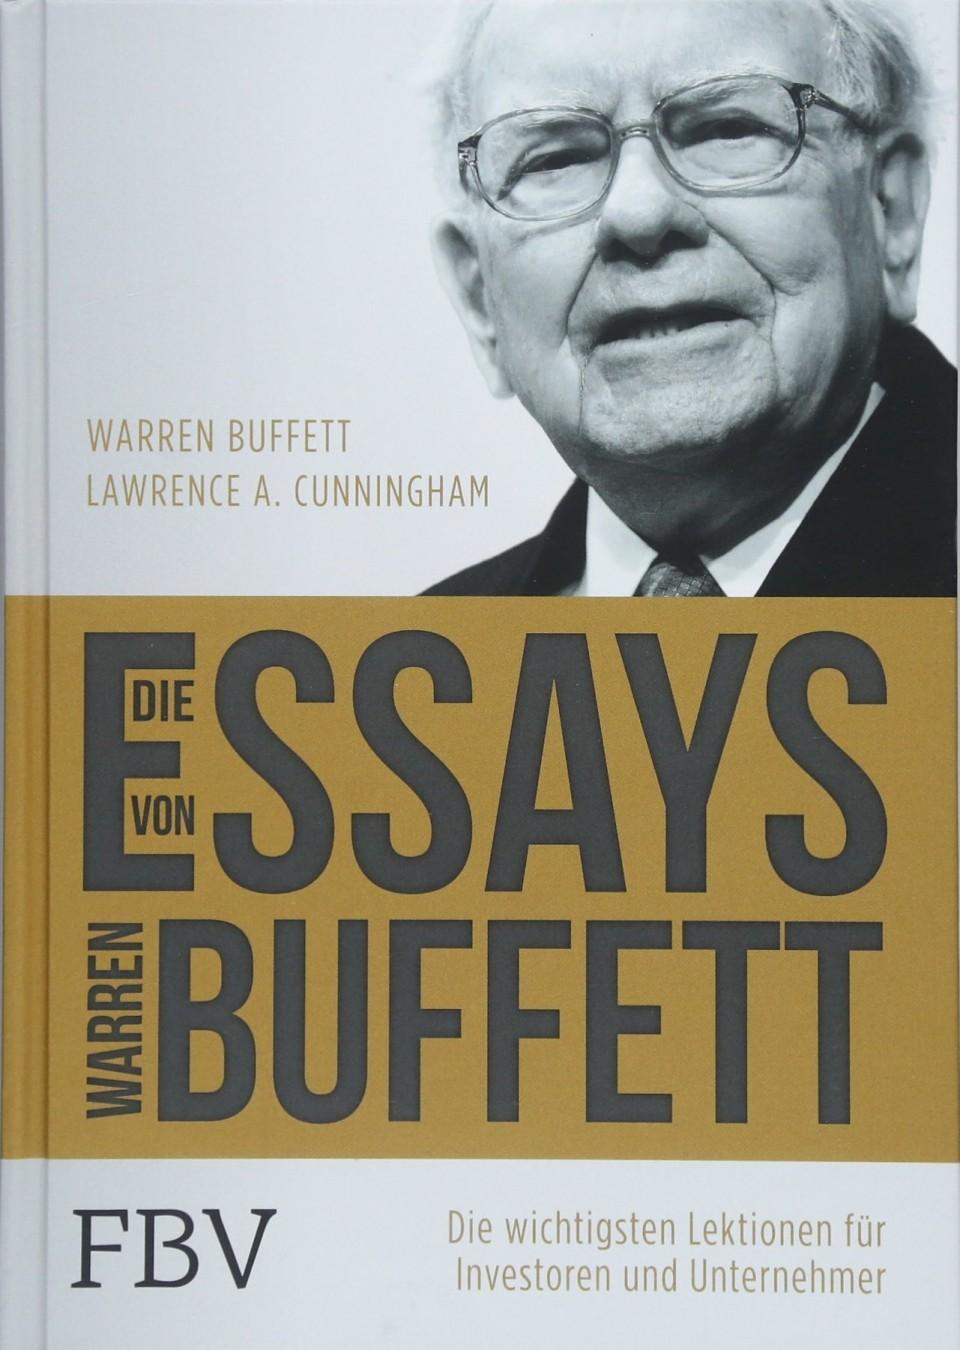 001 Essay Example 81hgobz2bc1l Die Essays Von Warren Archaicawful Buffett Das Buch Für Investoren Und Unternehmer Pdf 960